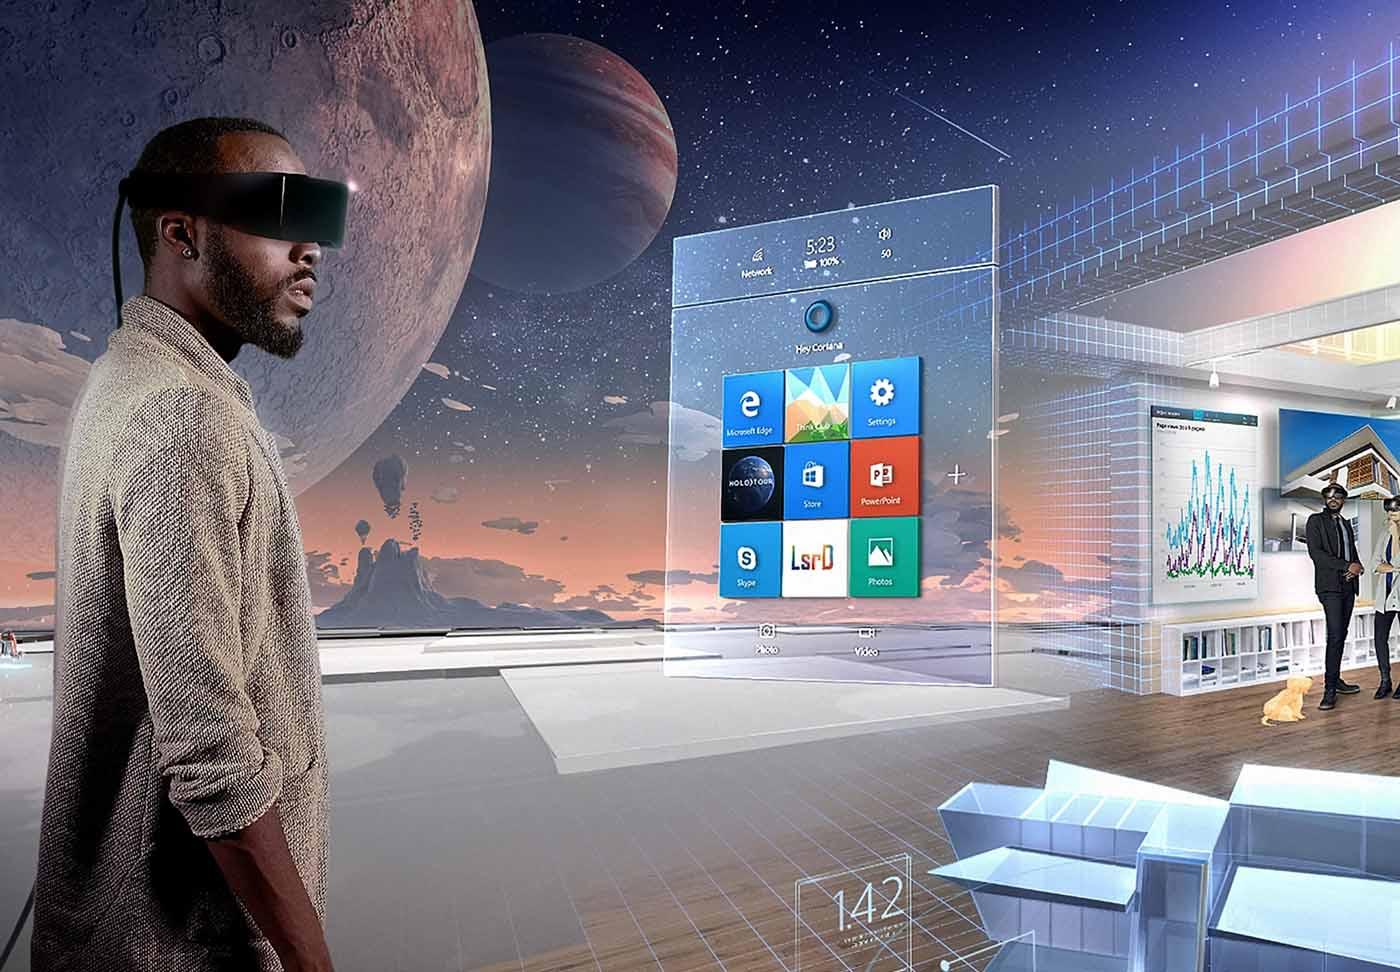 La realidad mixta Microsoft llegará el 17 de octubre con la  actualización Windows 10 Fall Creators Update